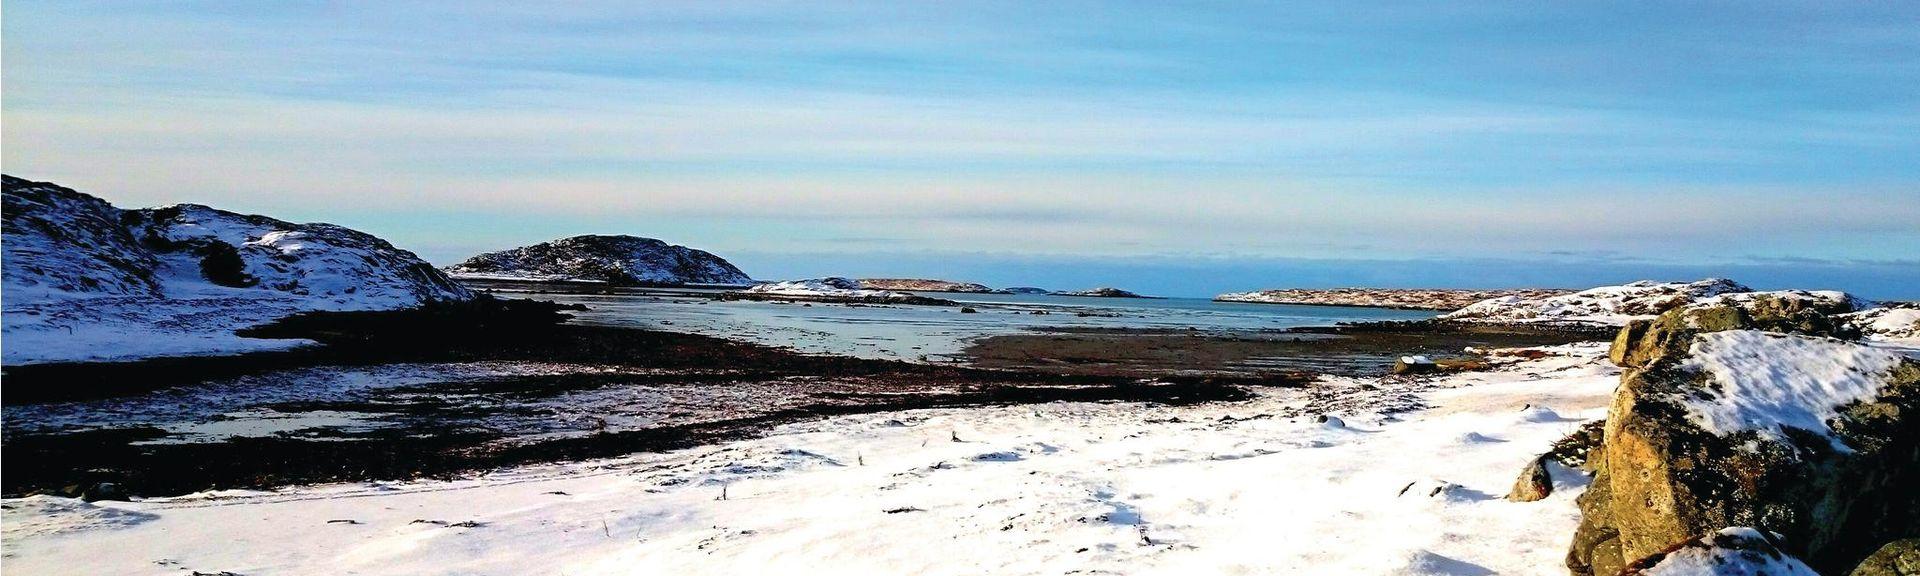 Lysøysundet, Norway